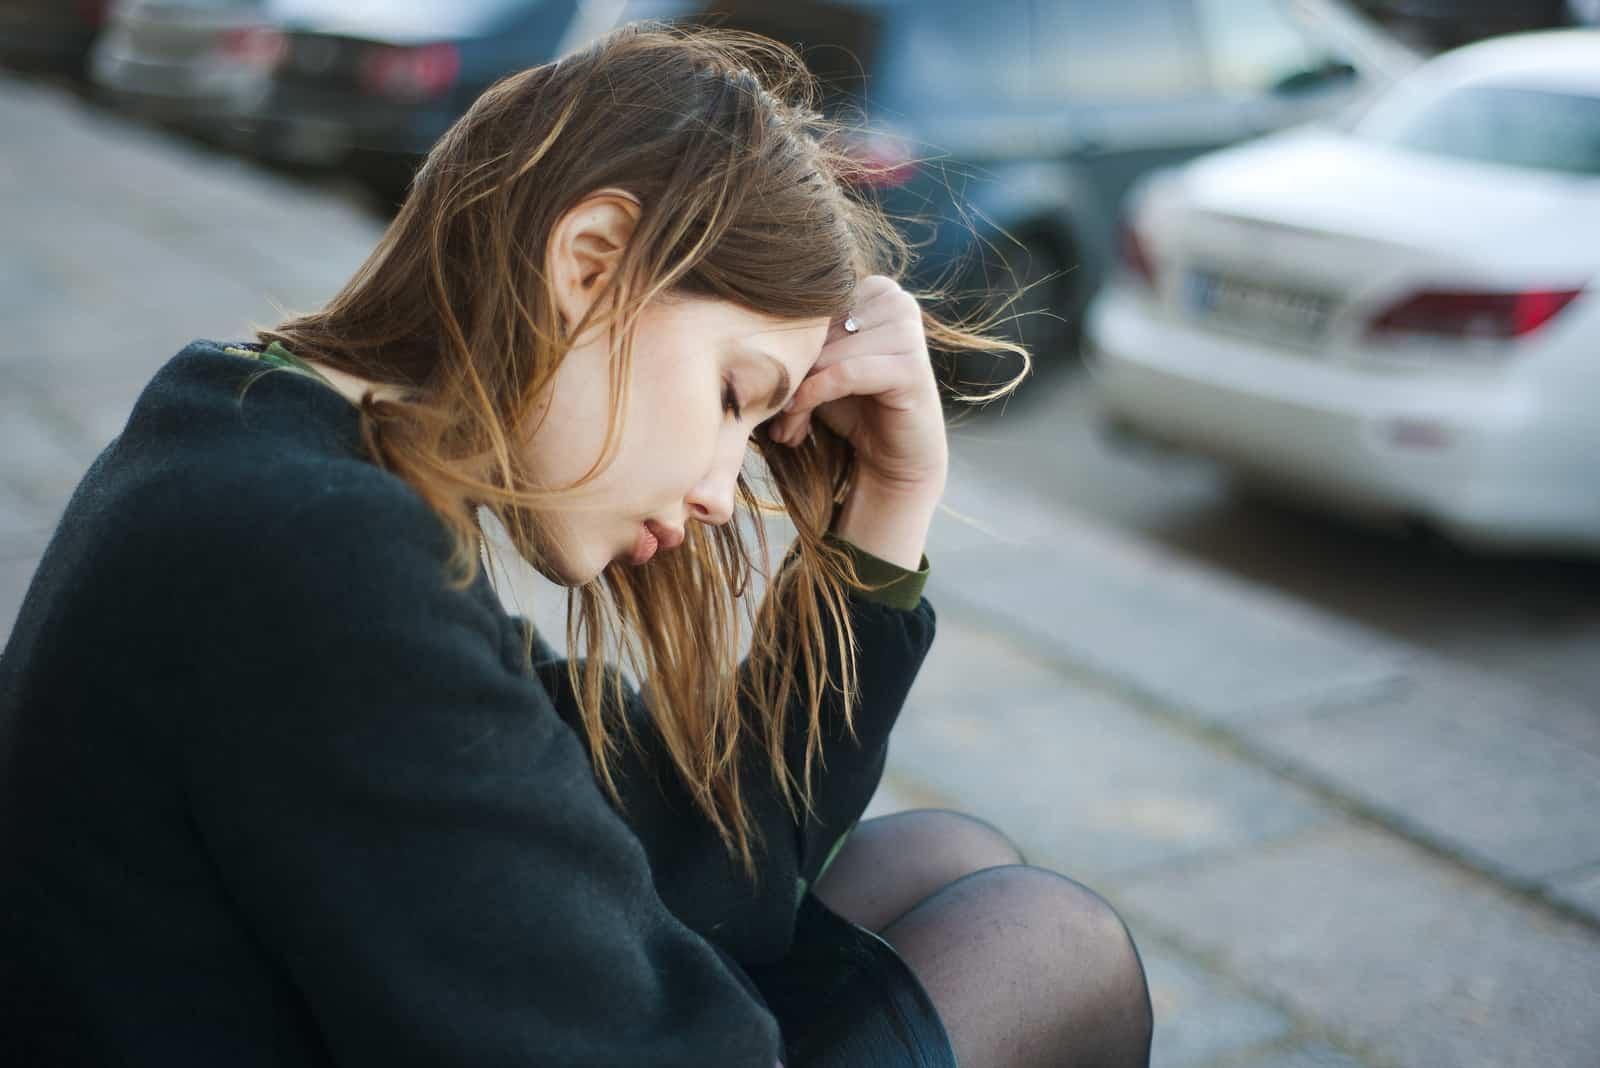 Eine traurige Frau sitzt draußen auf der Treppe